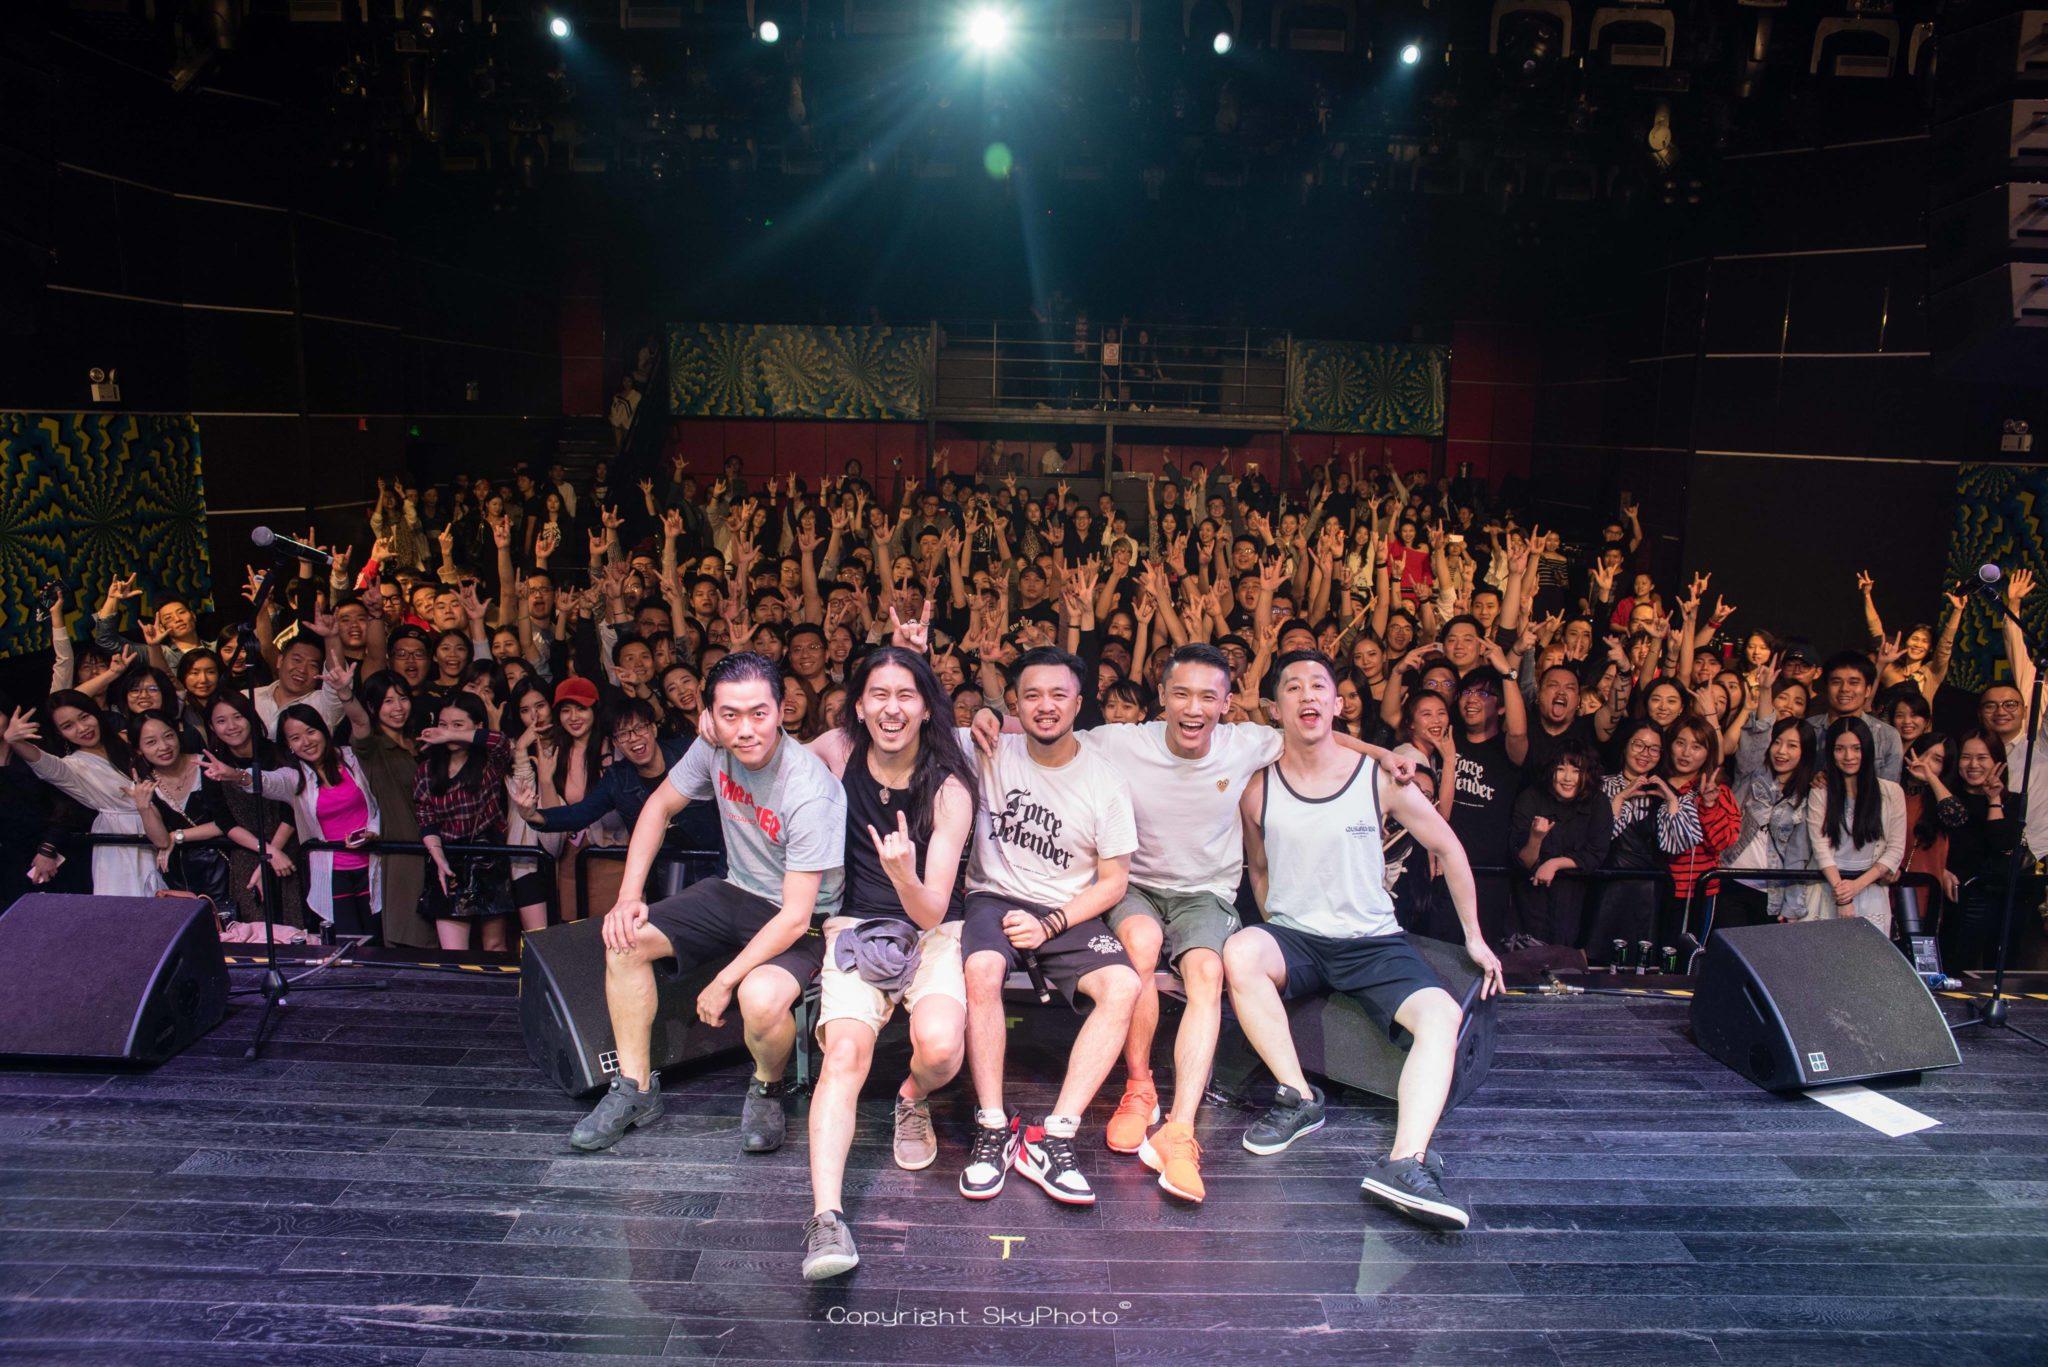 Concerto   Force Defender trazem o heavy metal de Shenzhen ao palco do LMA